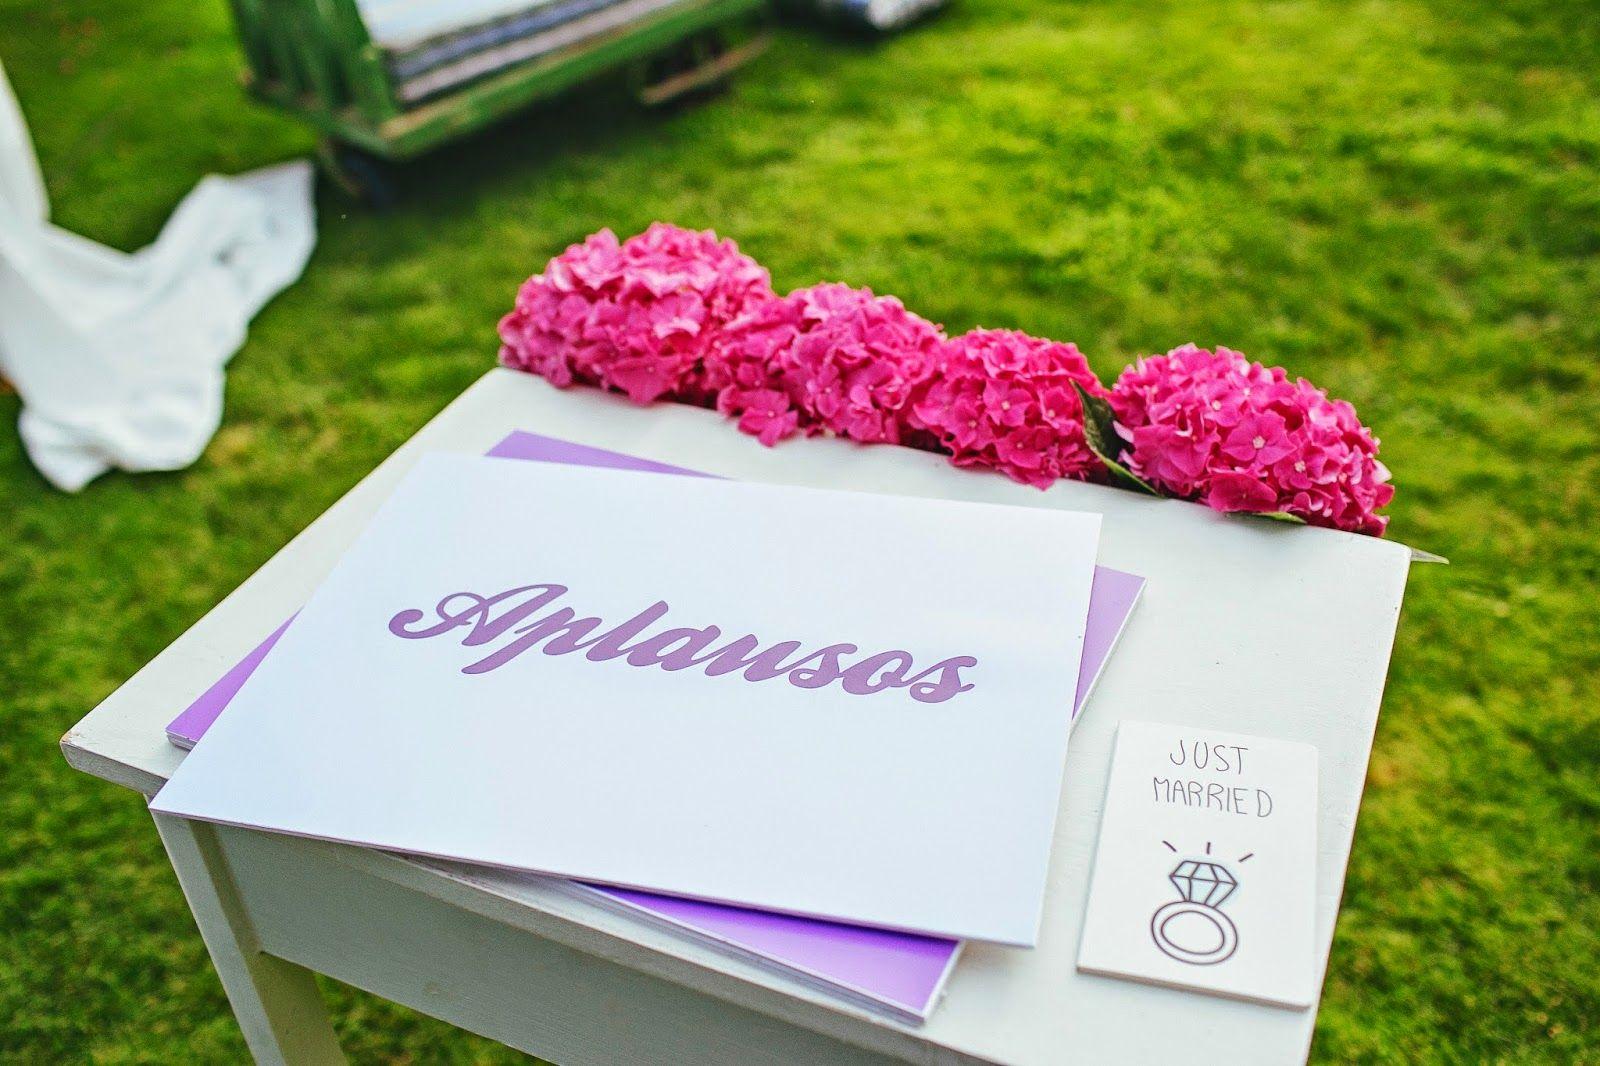 wedding celebration flowers celebración boda flores aplausos decoración deco